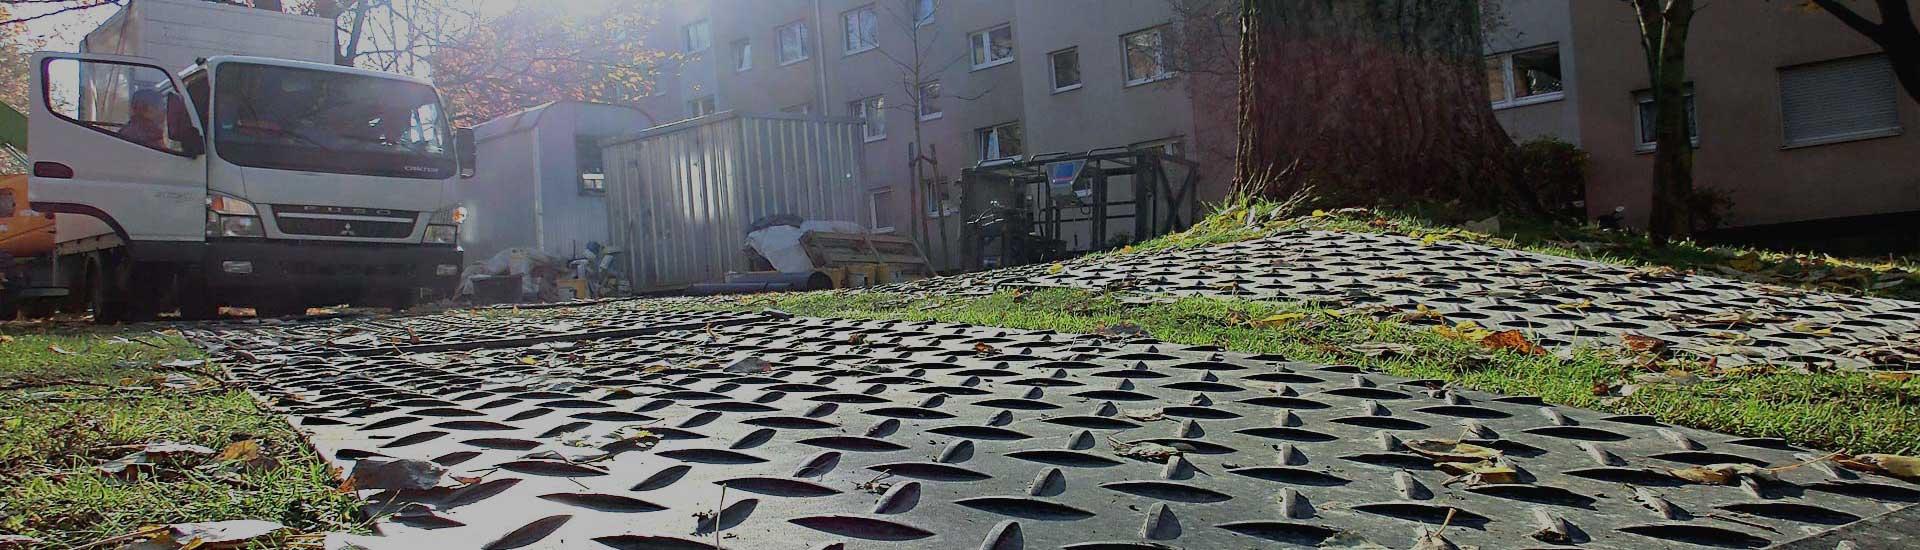 Mobile Baustrasse, Fahrstrasse, Fahrplatten, Bodenschutzplatten aus Kunststoff mieten von Securatek